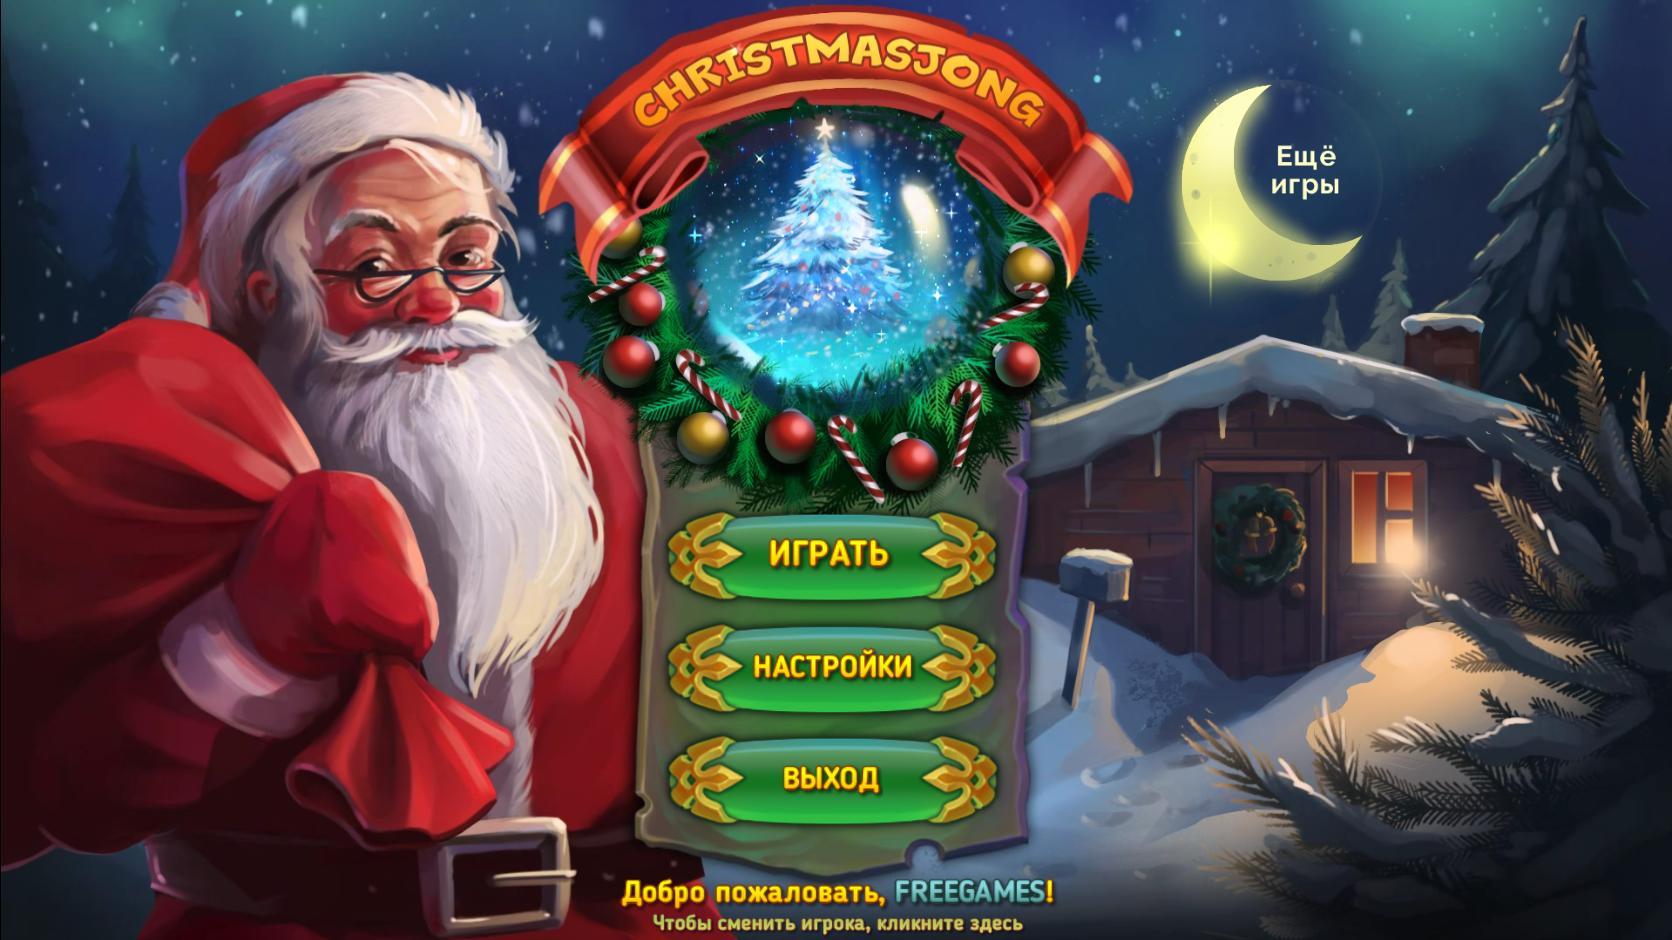 Christmasjong (Rus)